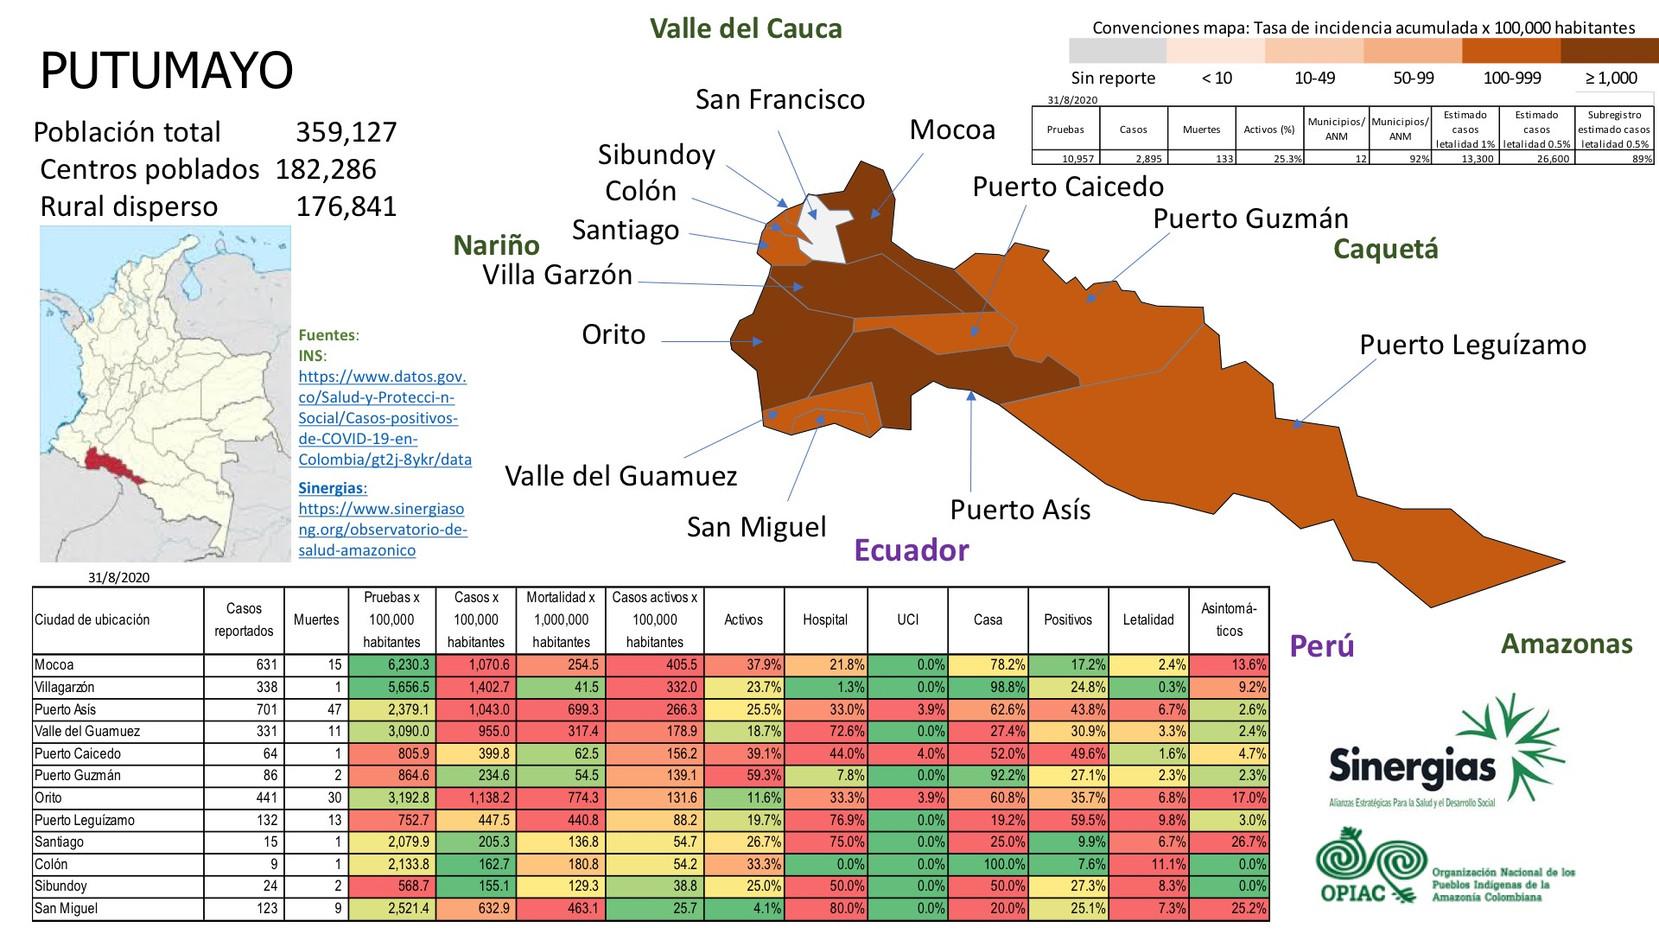 Situación del COVID-19 en el departamento de Putumayo a 31 de agosto del 2020